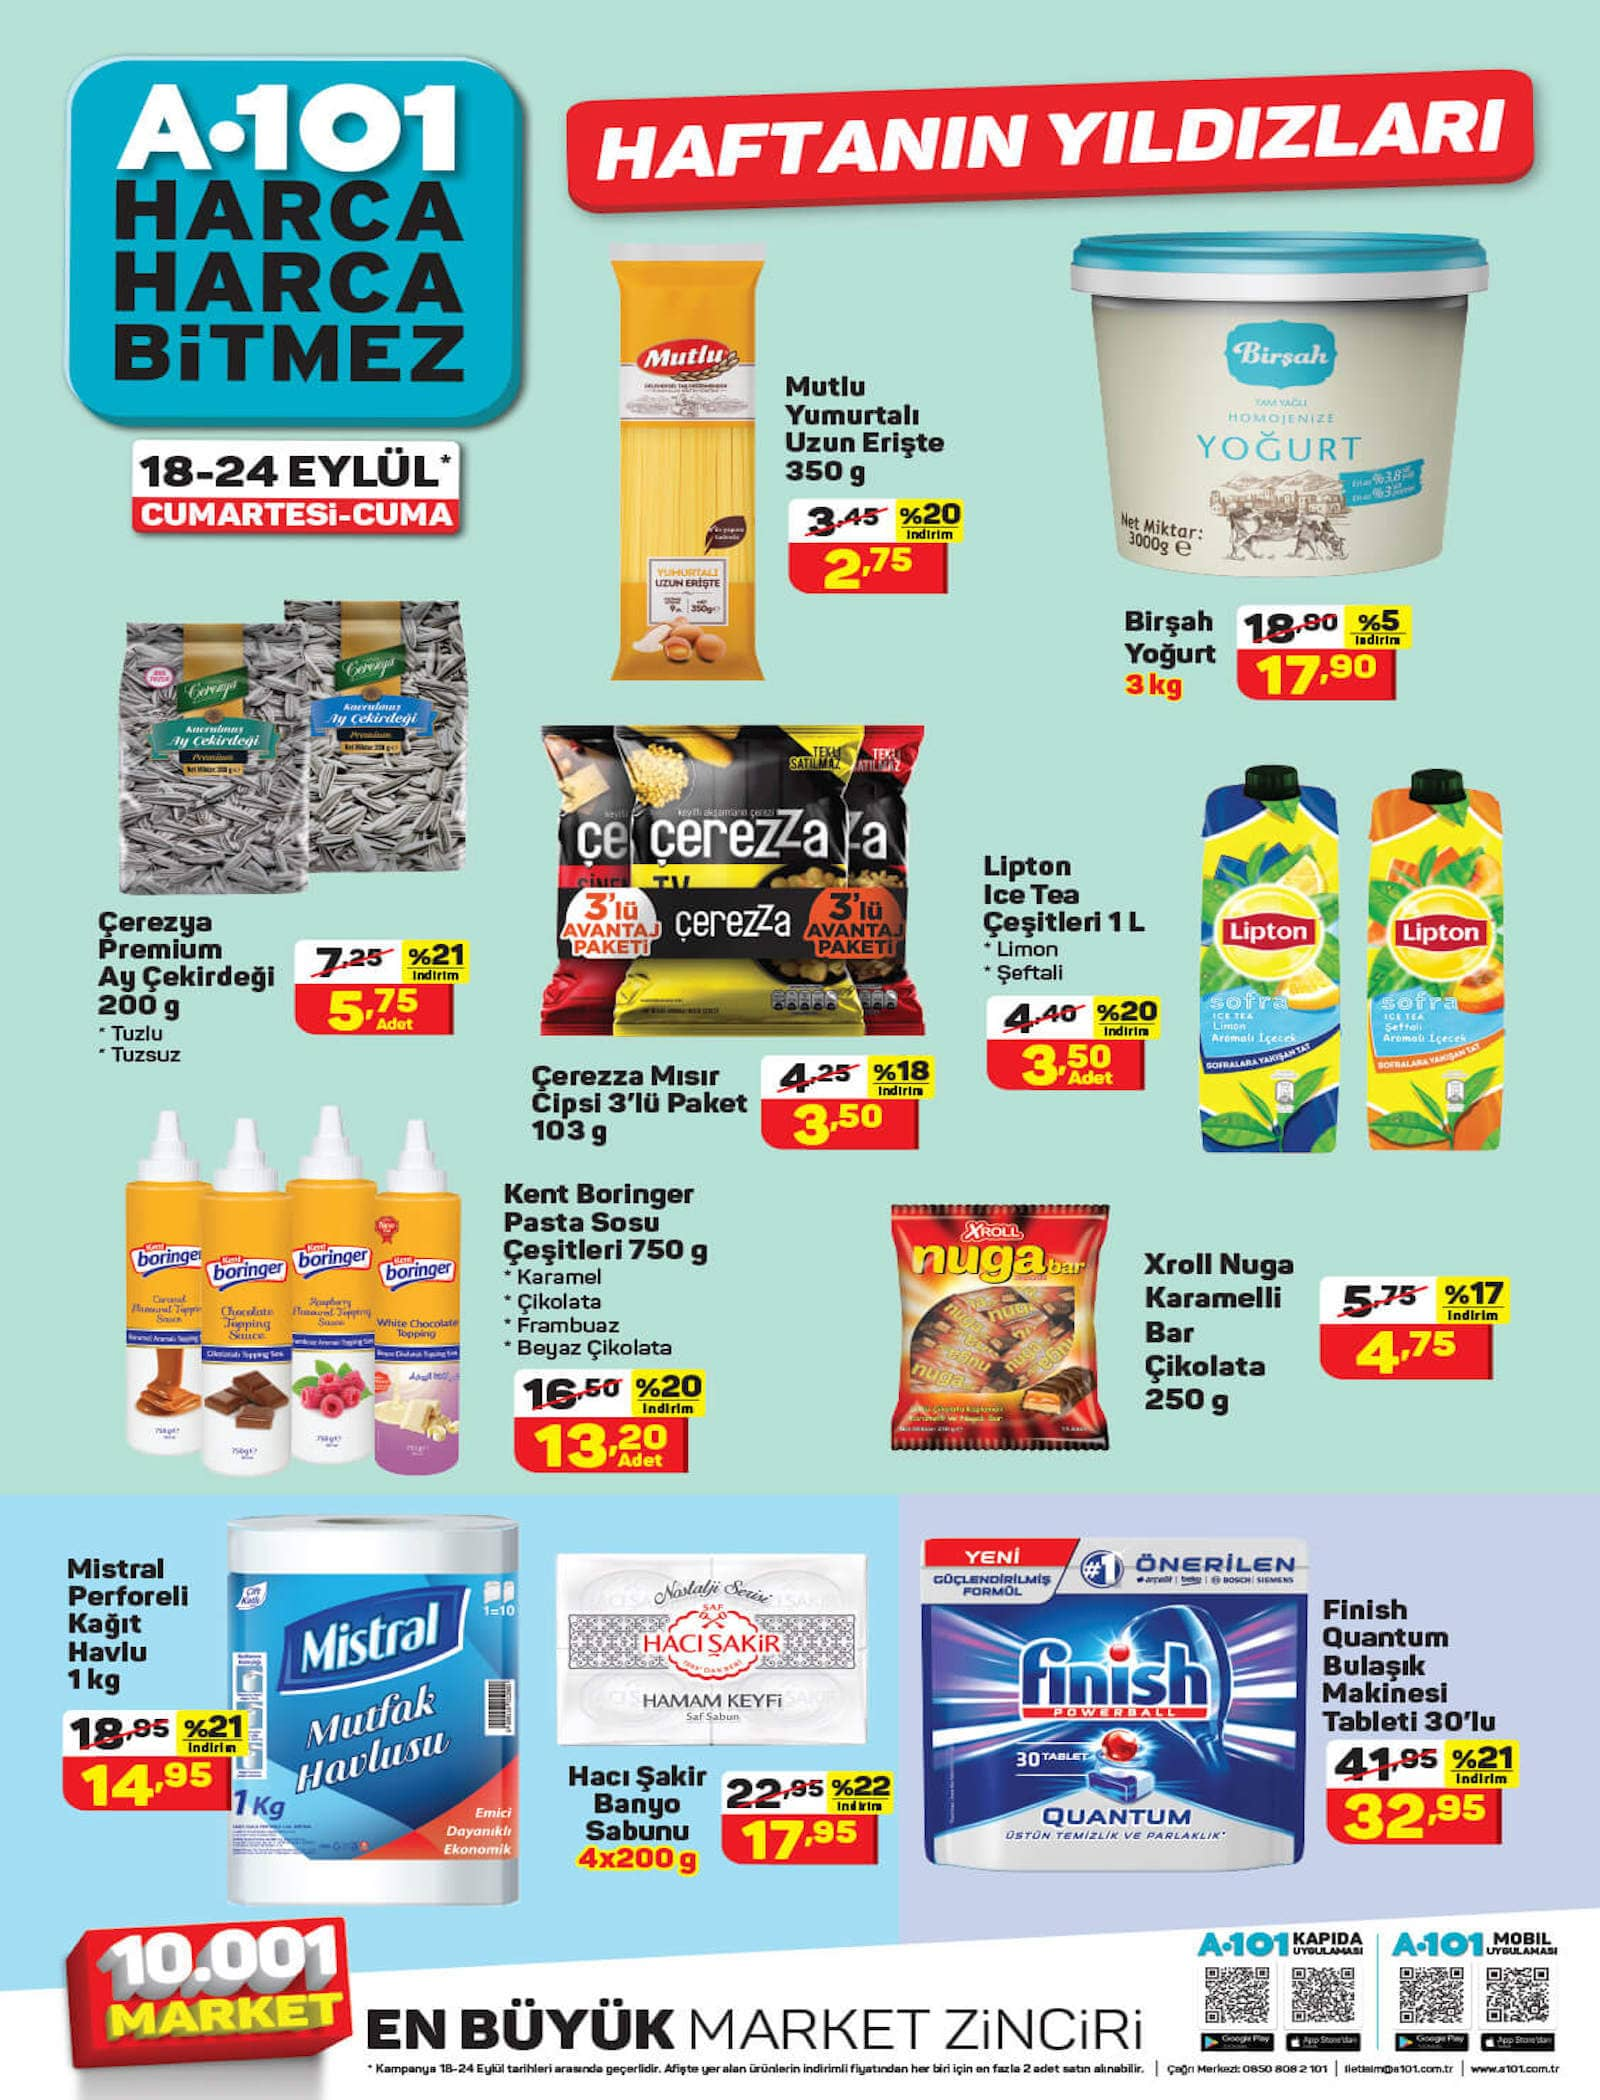 a101 market 18-24 eylül aktüel ürünler kataloğu indirimli ürünleri